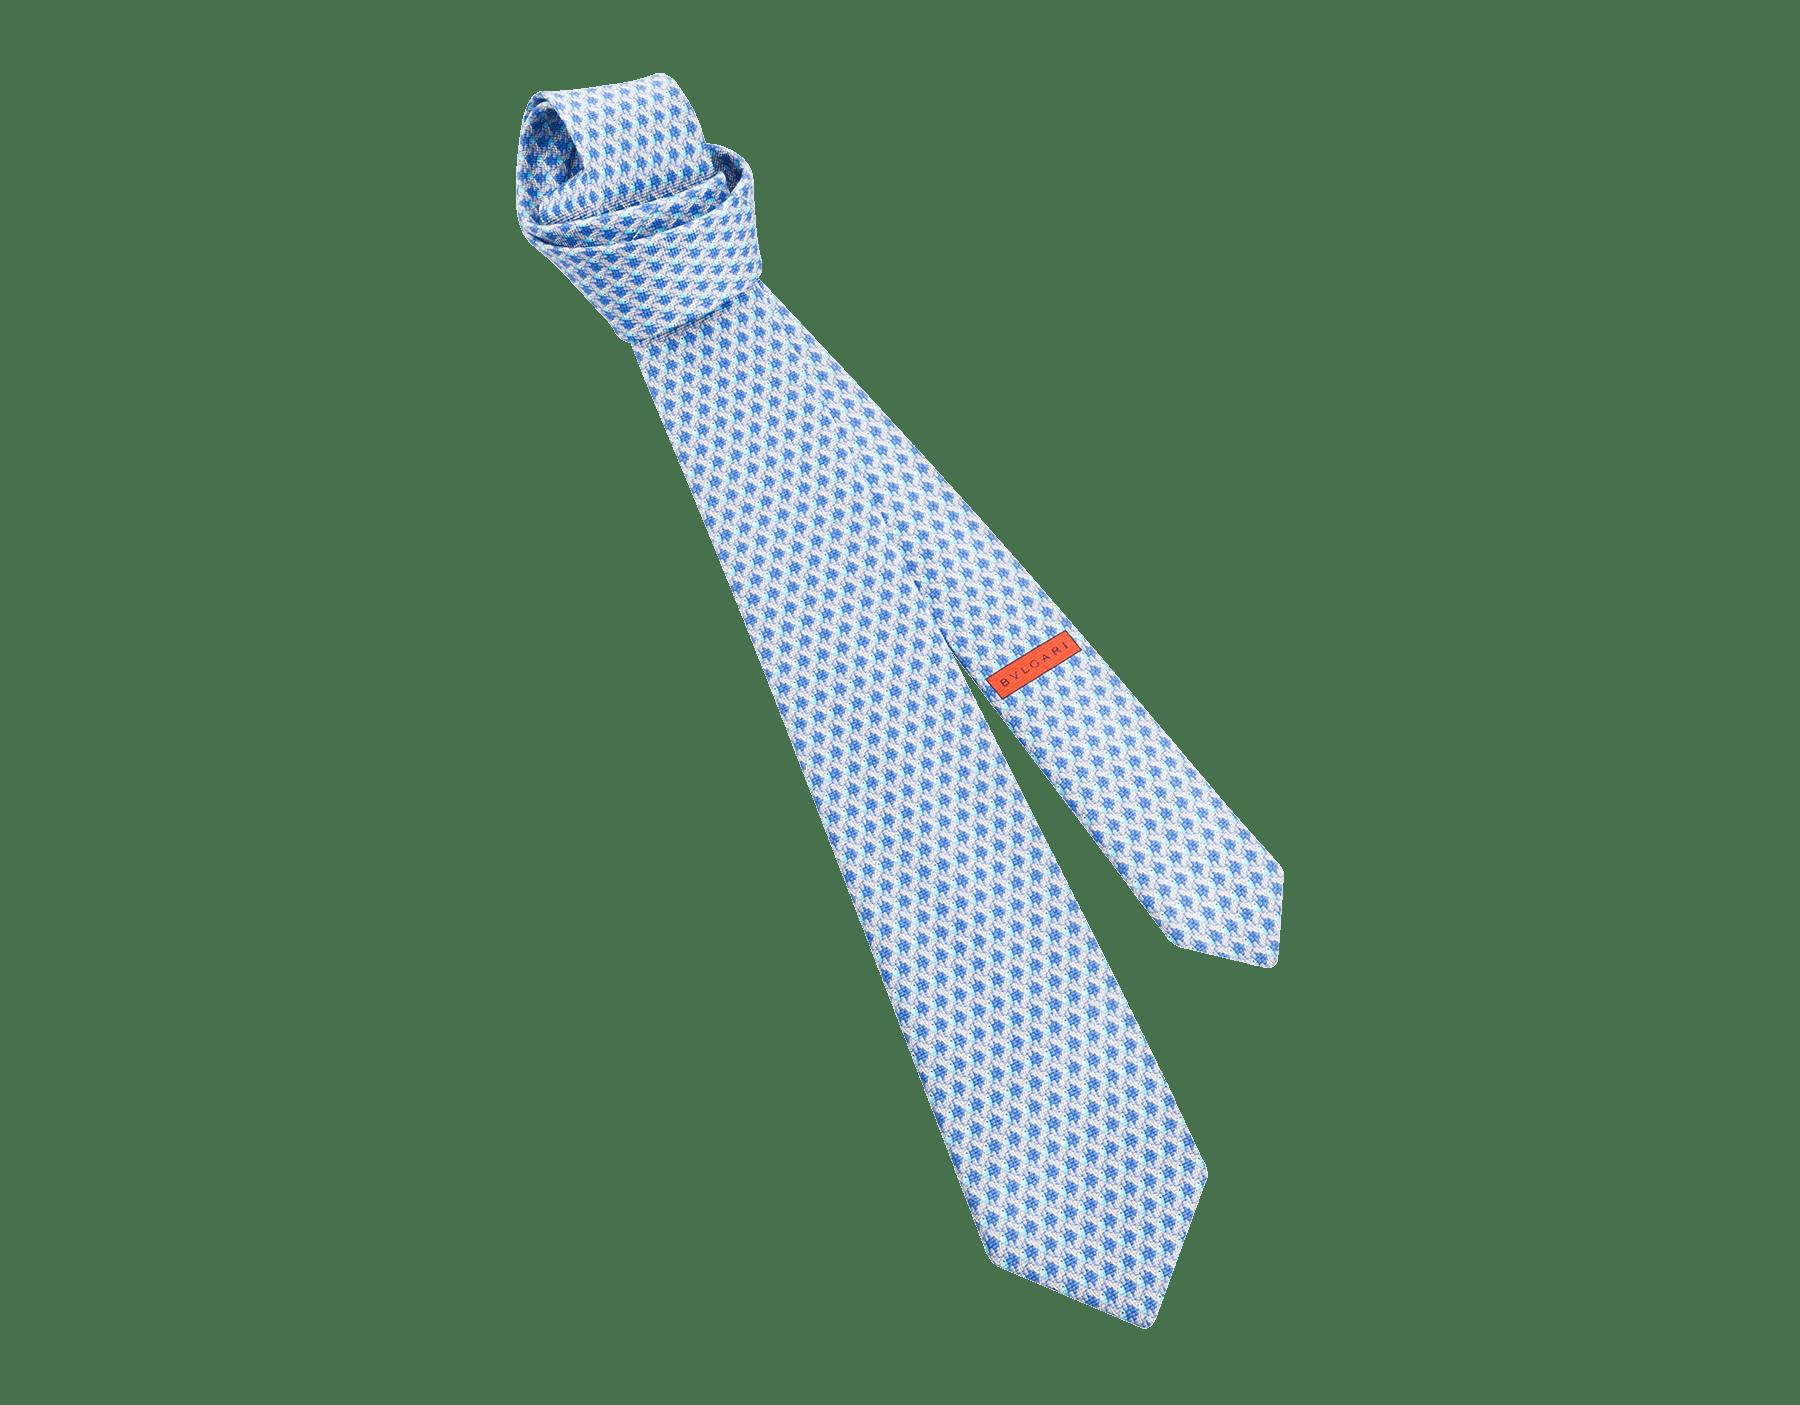 Cravatta sette pieghe blu con motivo Fish Divine in pregiata seta saglione stampata. 244151 image 1